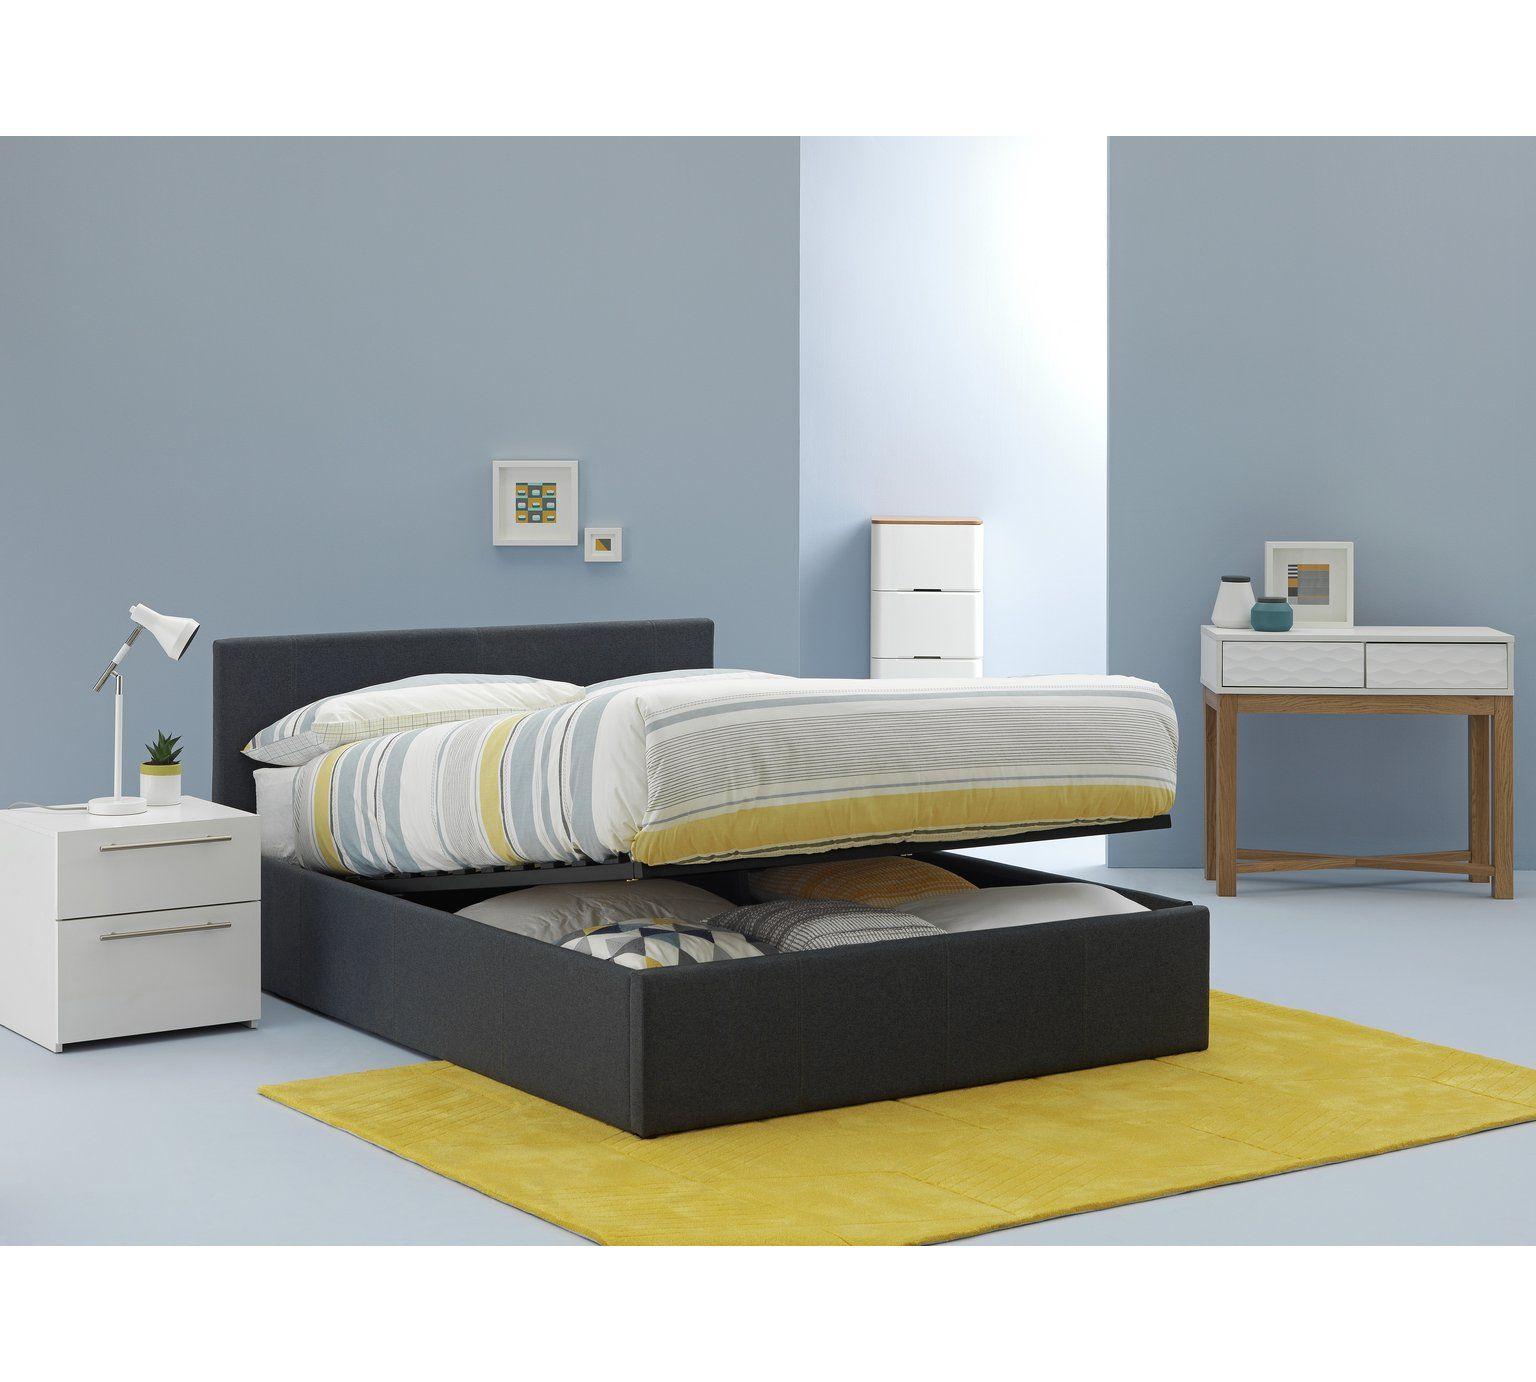 Hygena Bedroom Furniture Uk Psoriasisguru Com